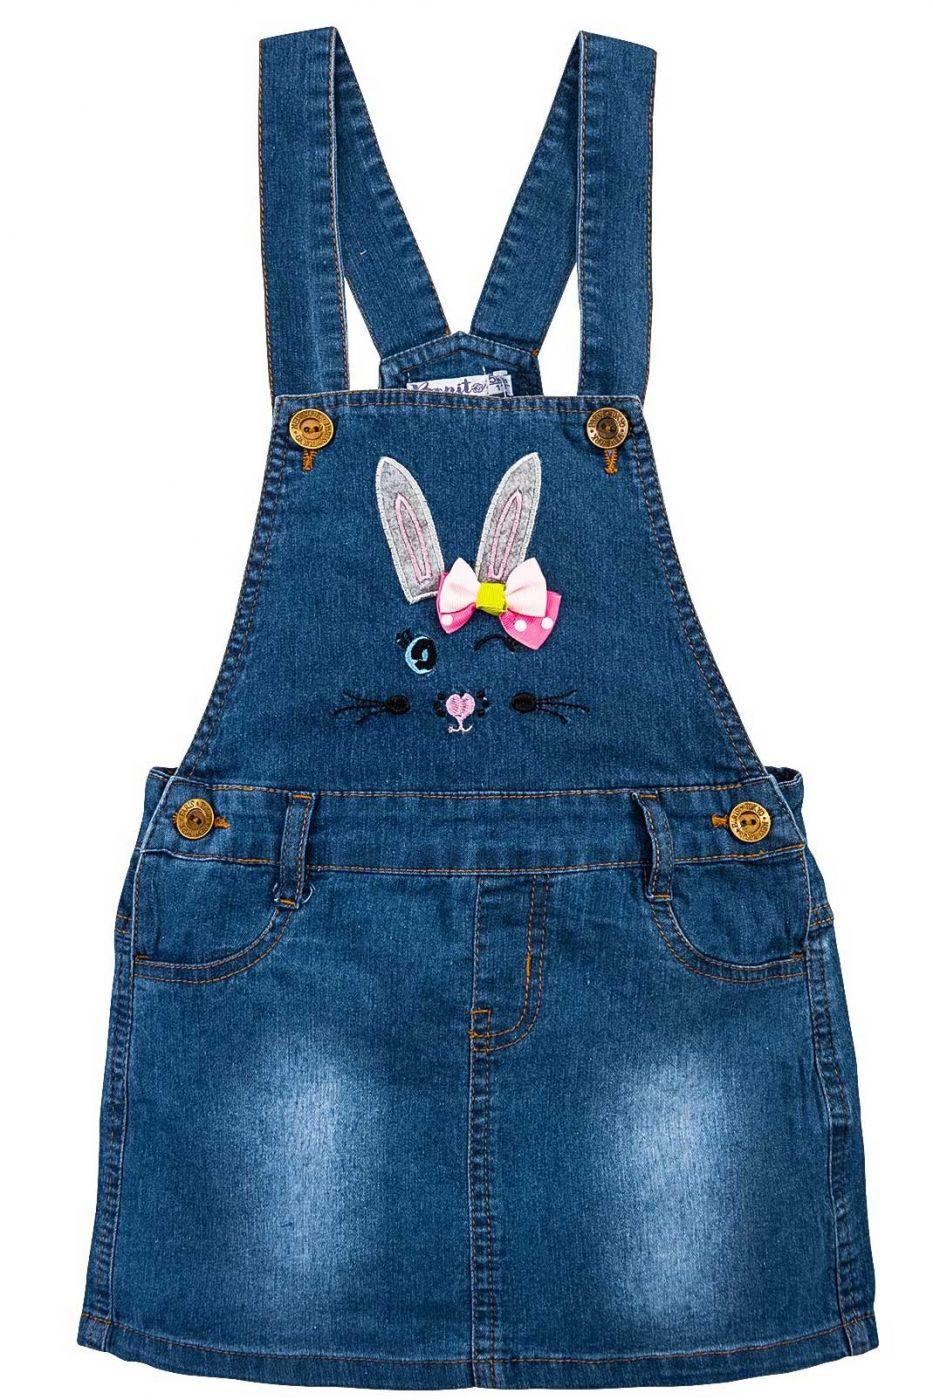 Сарафан джинсовый для девочки Bonito Jeans с зайчиком